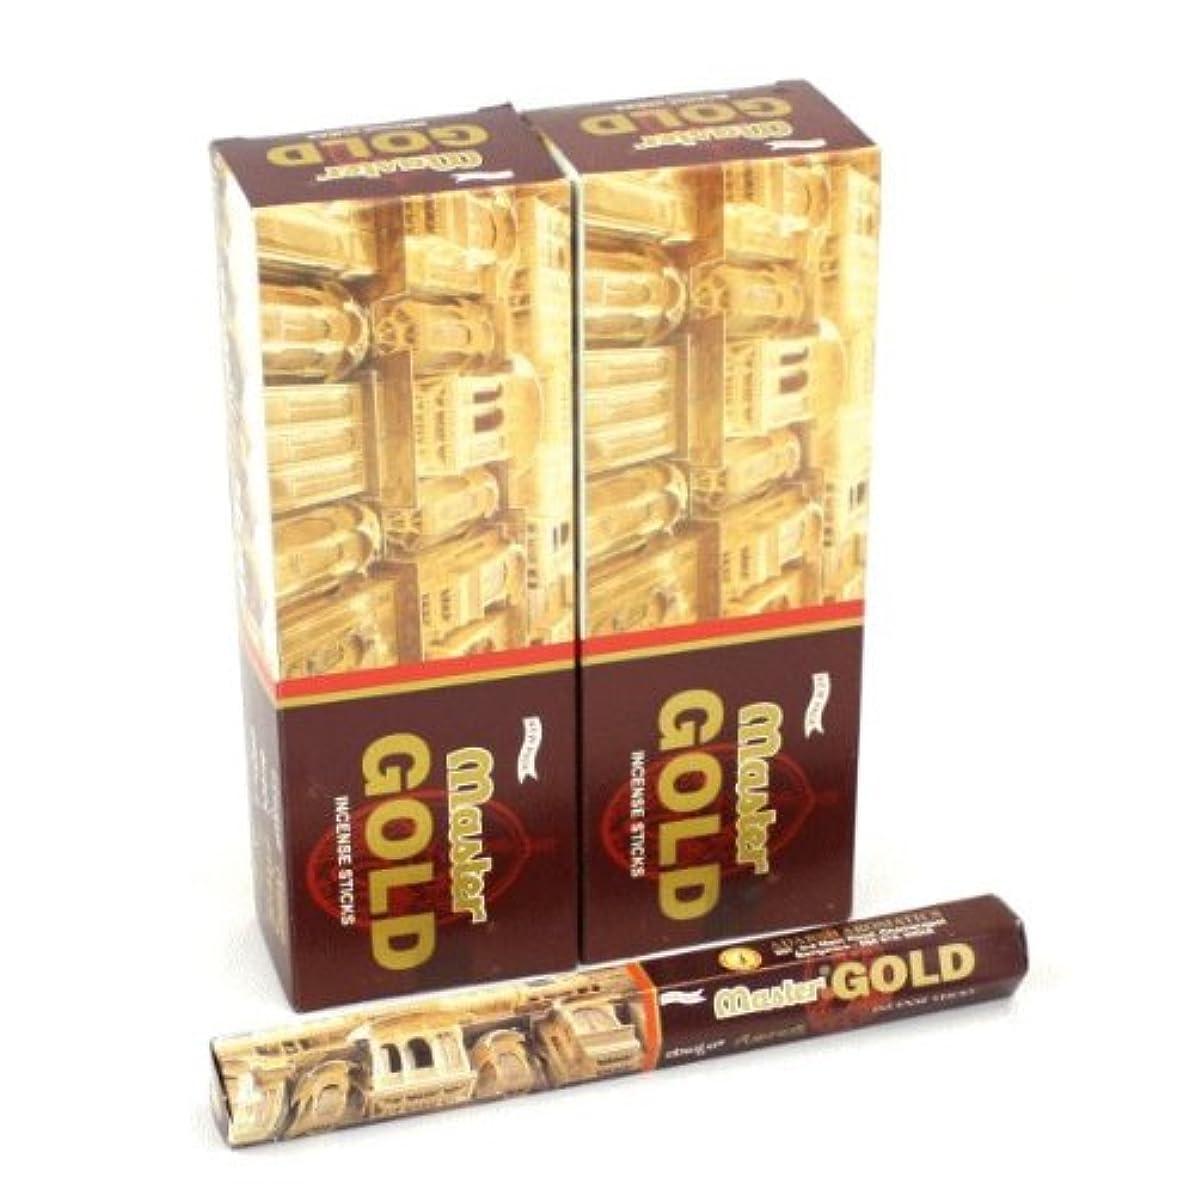 手首連隊資料ADARSH マスターゴールド香 スティック ヘキサパック(六角) 12箱セット MASTER GOLD